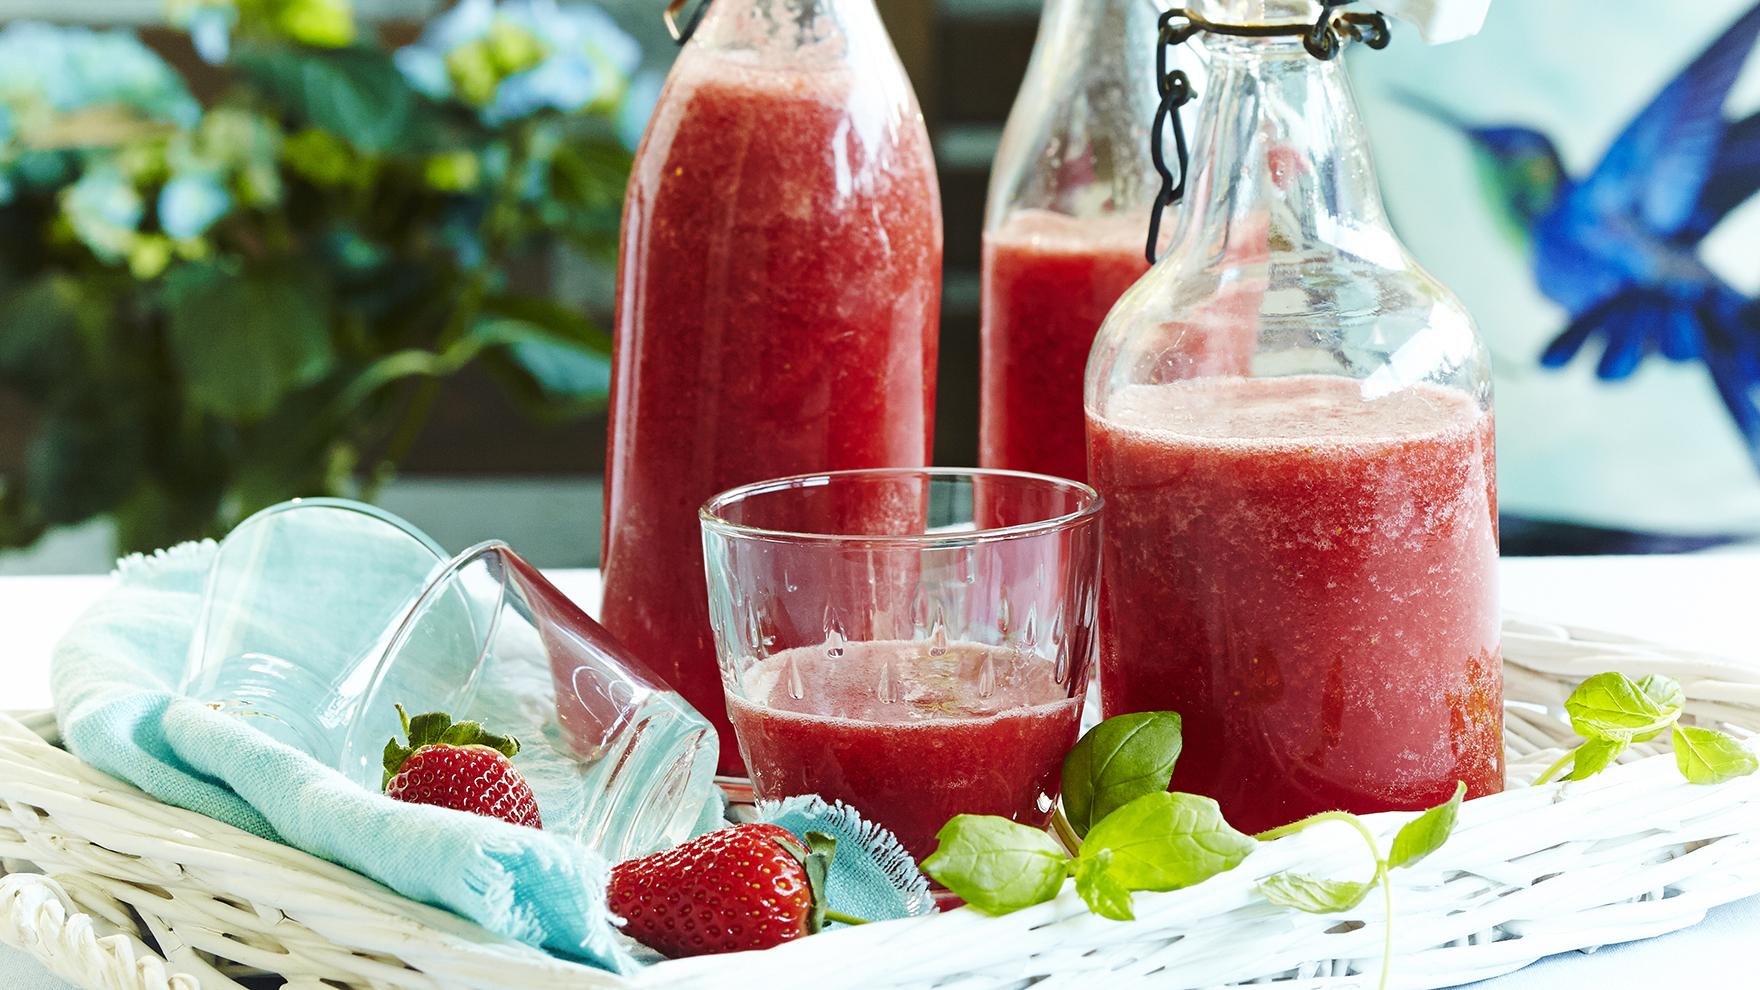 Raikkaan kesäiset drinkit ja juomat – K-Ruoka